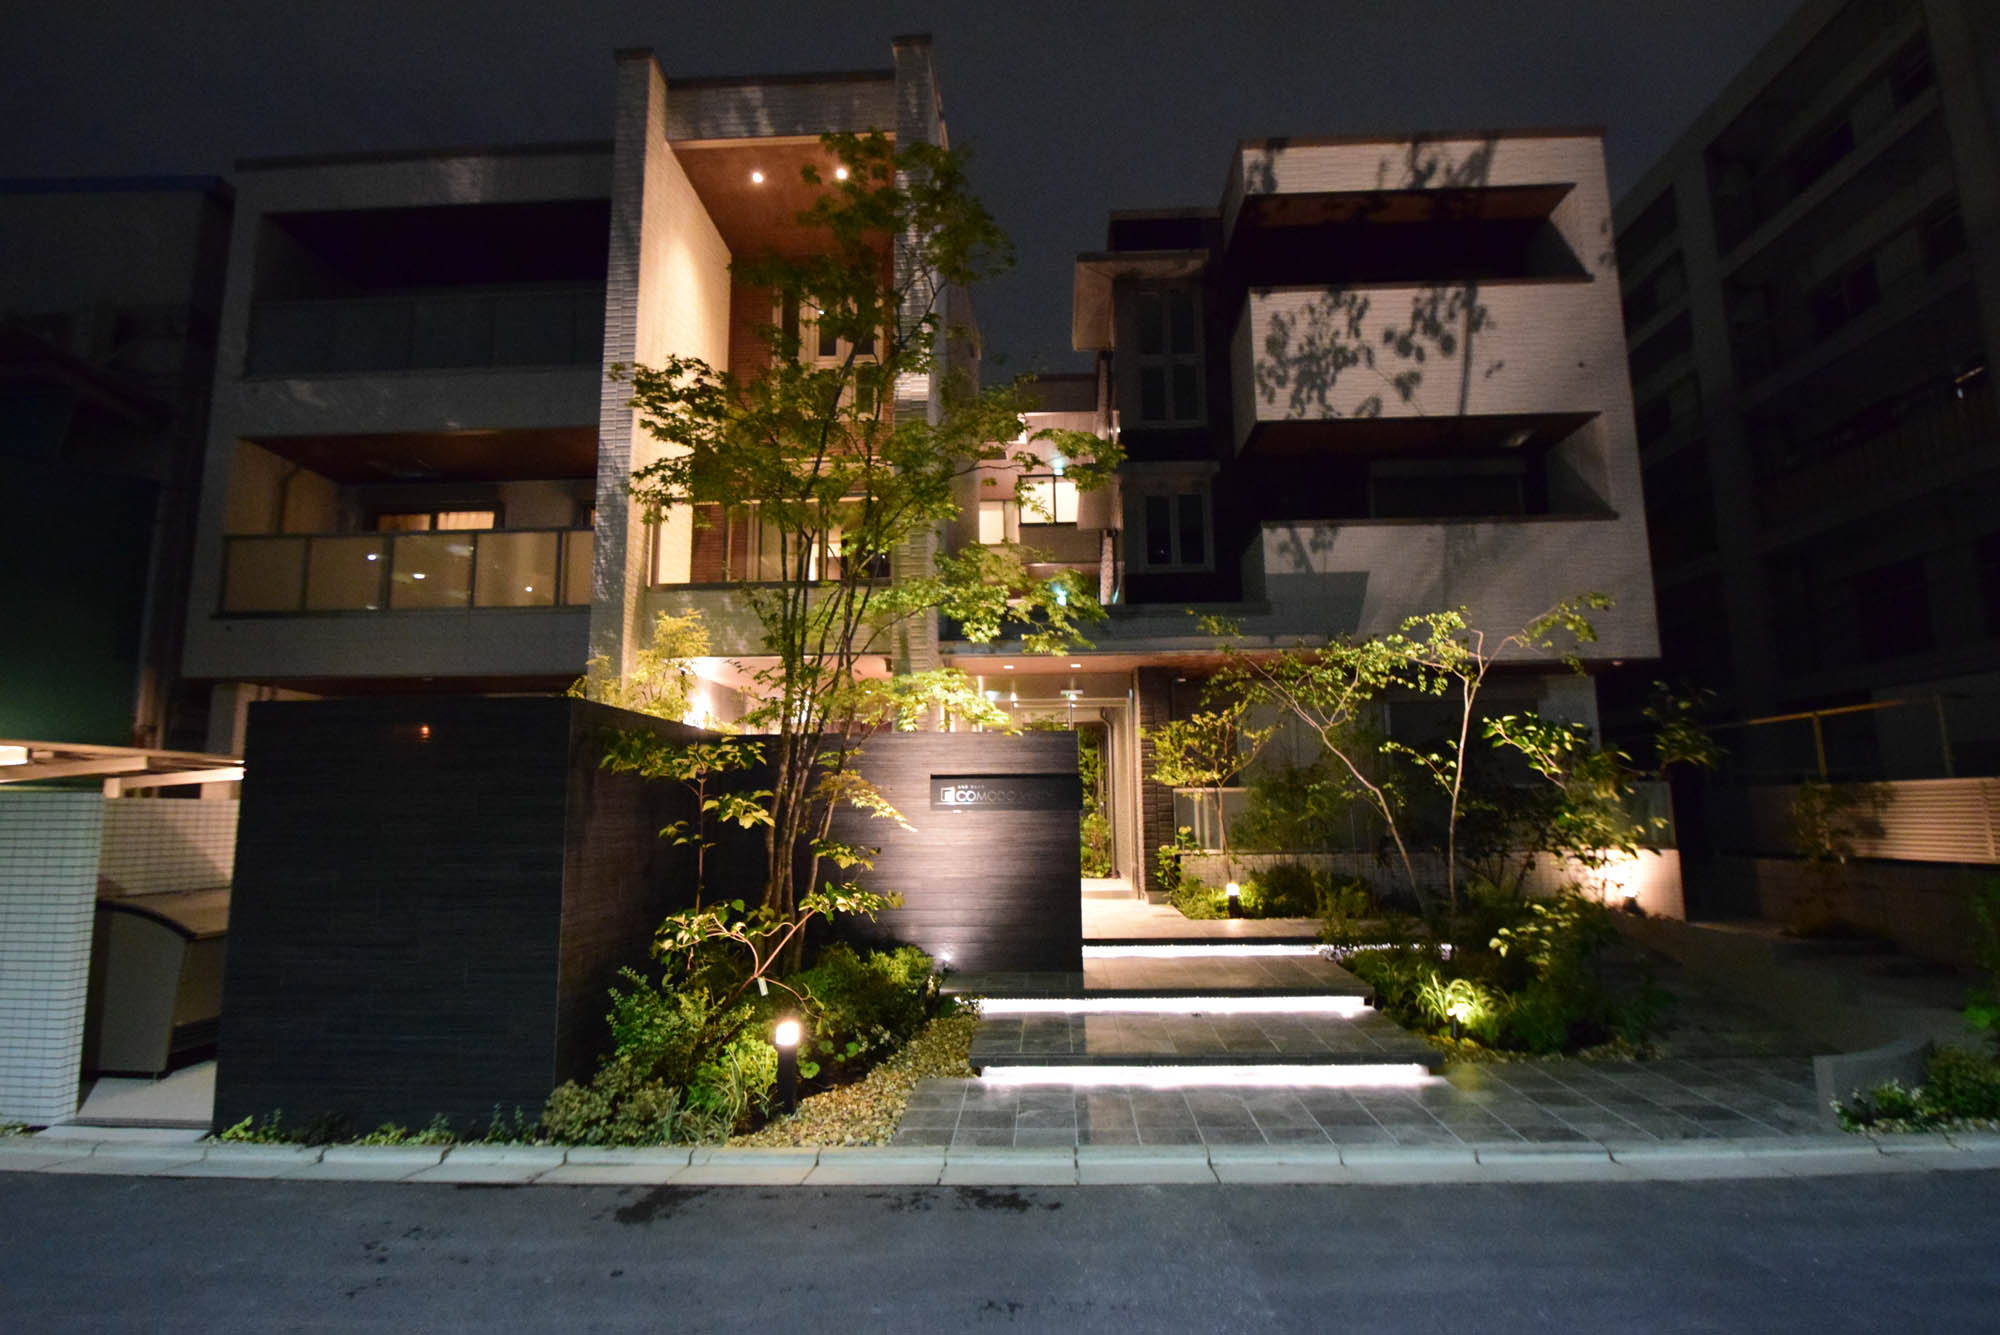 第28回タカショー庭空間施工例コンテストのライティング部門金賞に輝いた積水ハウス株式会社 大阪南シャーメゾン支店の現場の正面からの写真